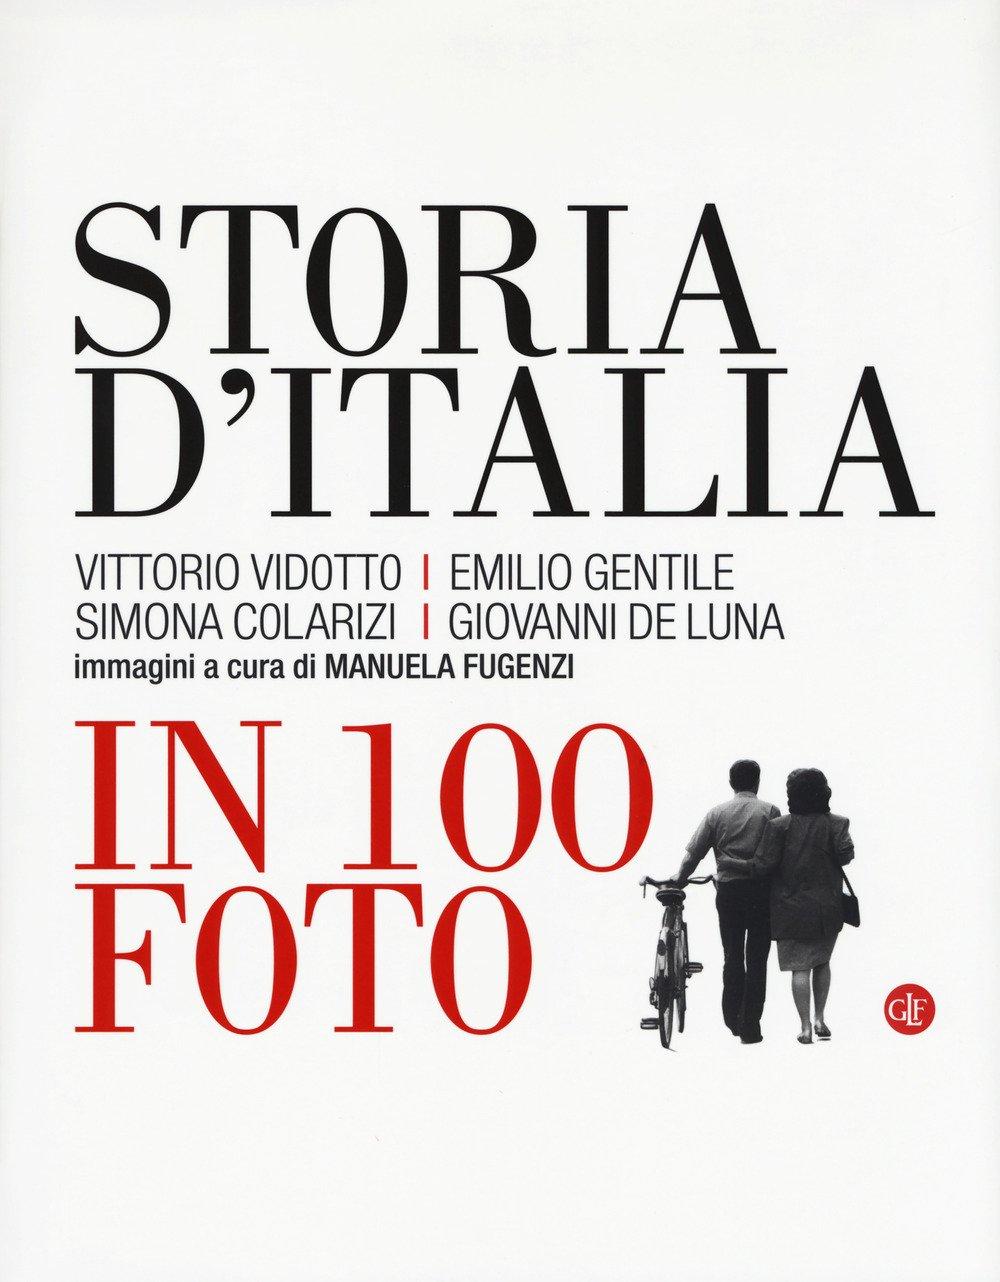 Storia d'Italia in 100 foto. Ediz. illustrata (Inglese) Copertina rigida – 19 ott 2017 Vittorio Vidotto Emilio Gentile Simona Colarizi Giovanni De Luna